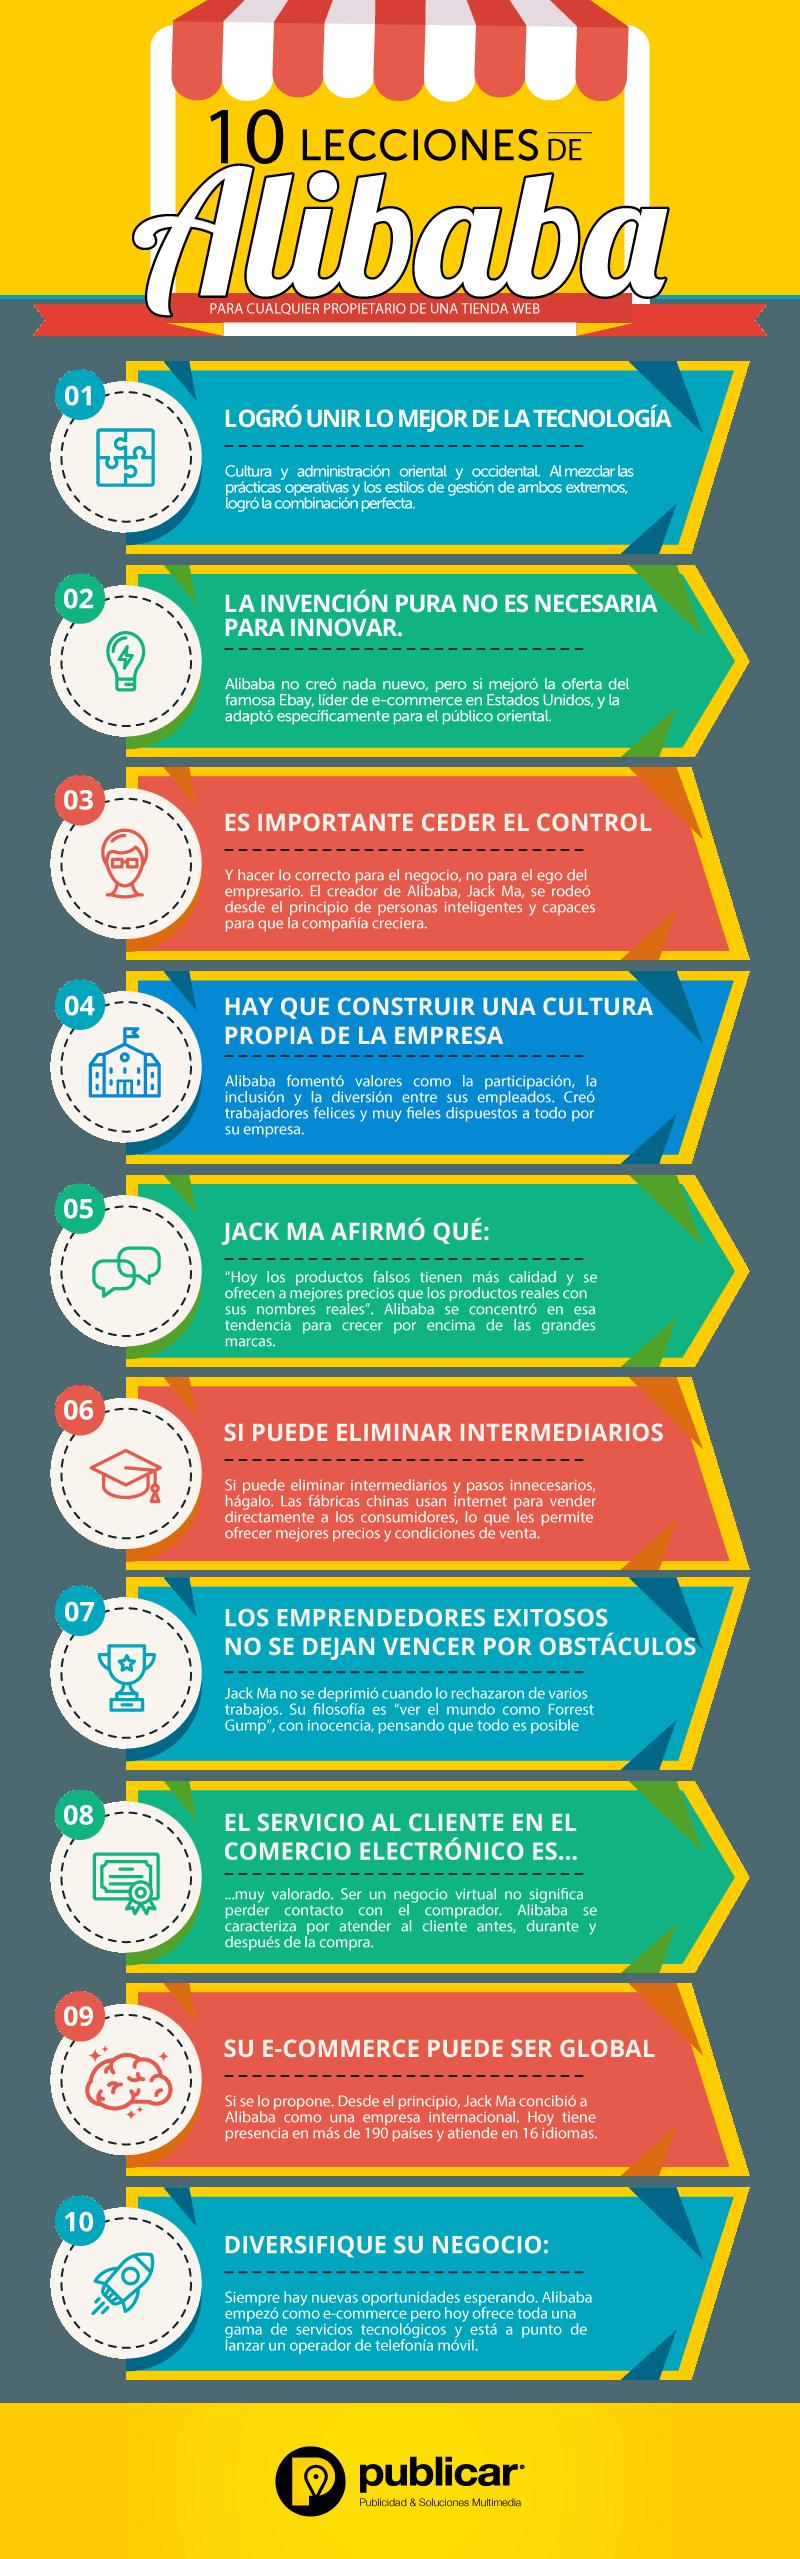 10-lecciones-alibaba-tienda-web-infografia